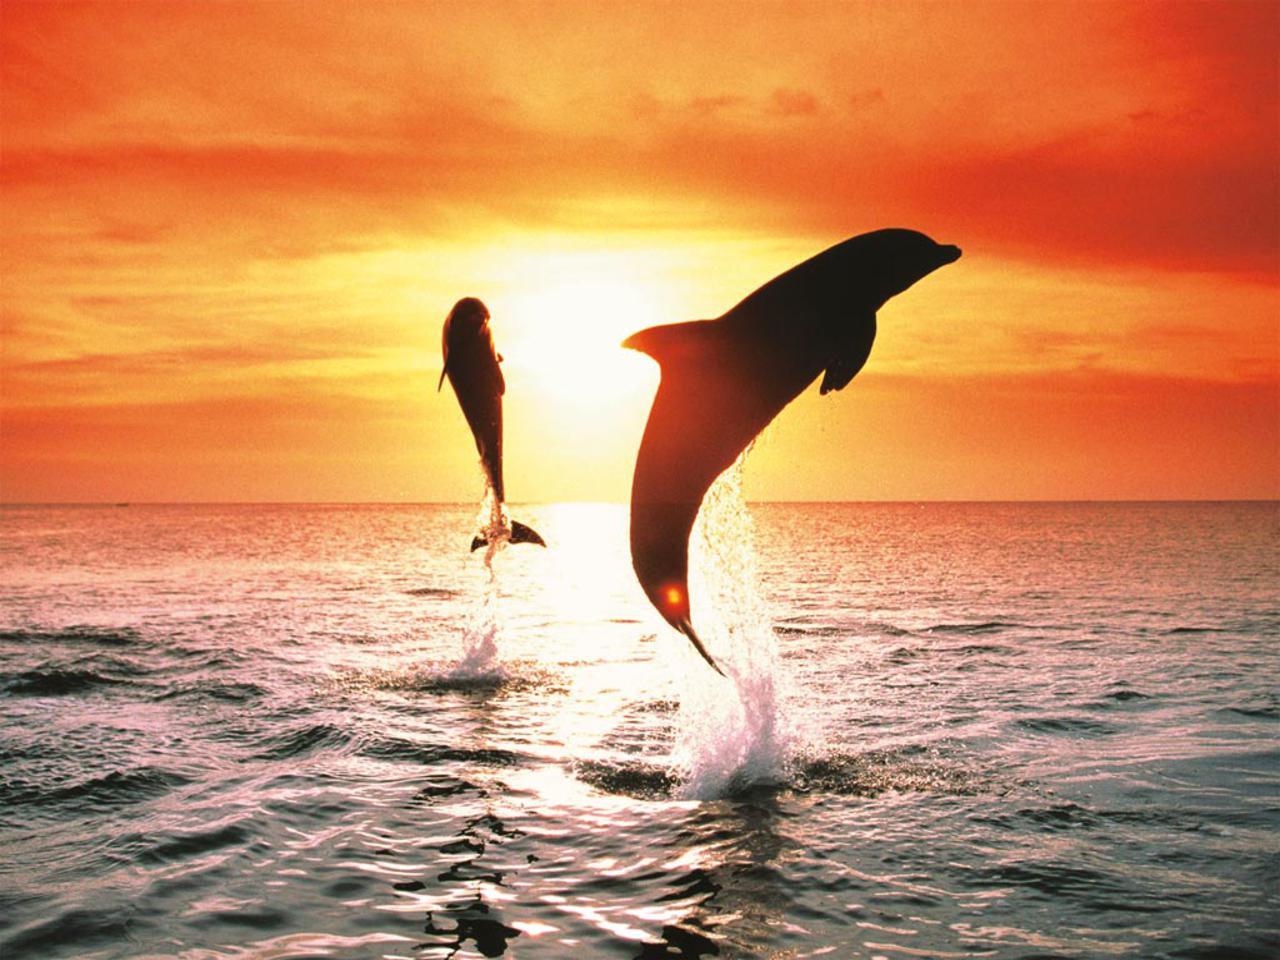 картинки дельфины море солнце этой